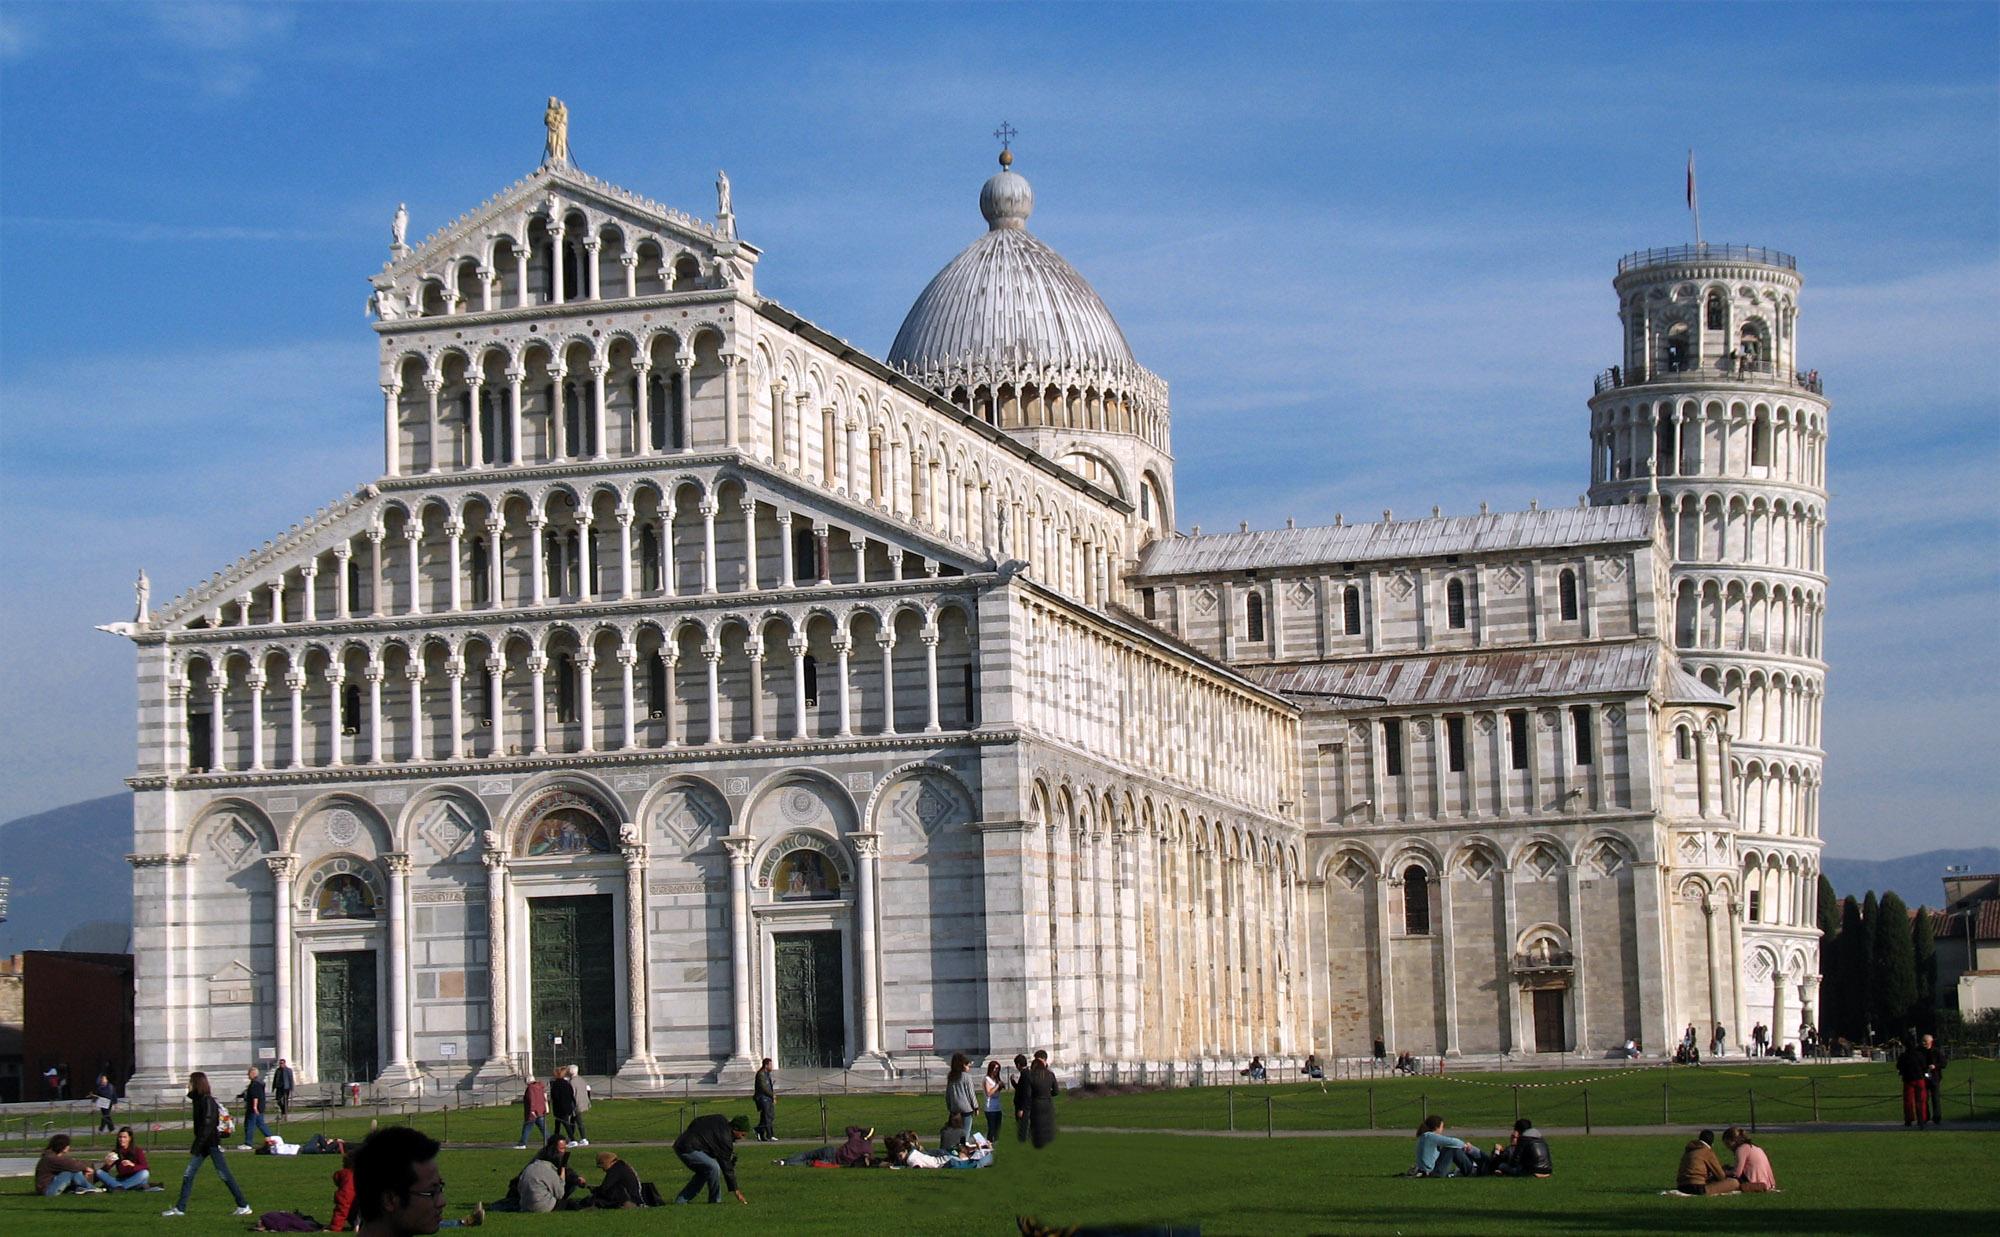 Basilica cristiana Romanico Pisa architettura